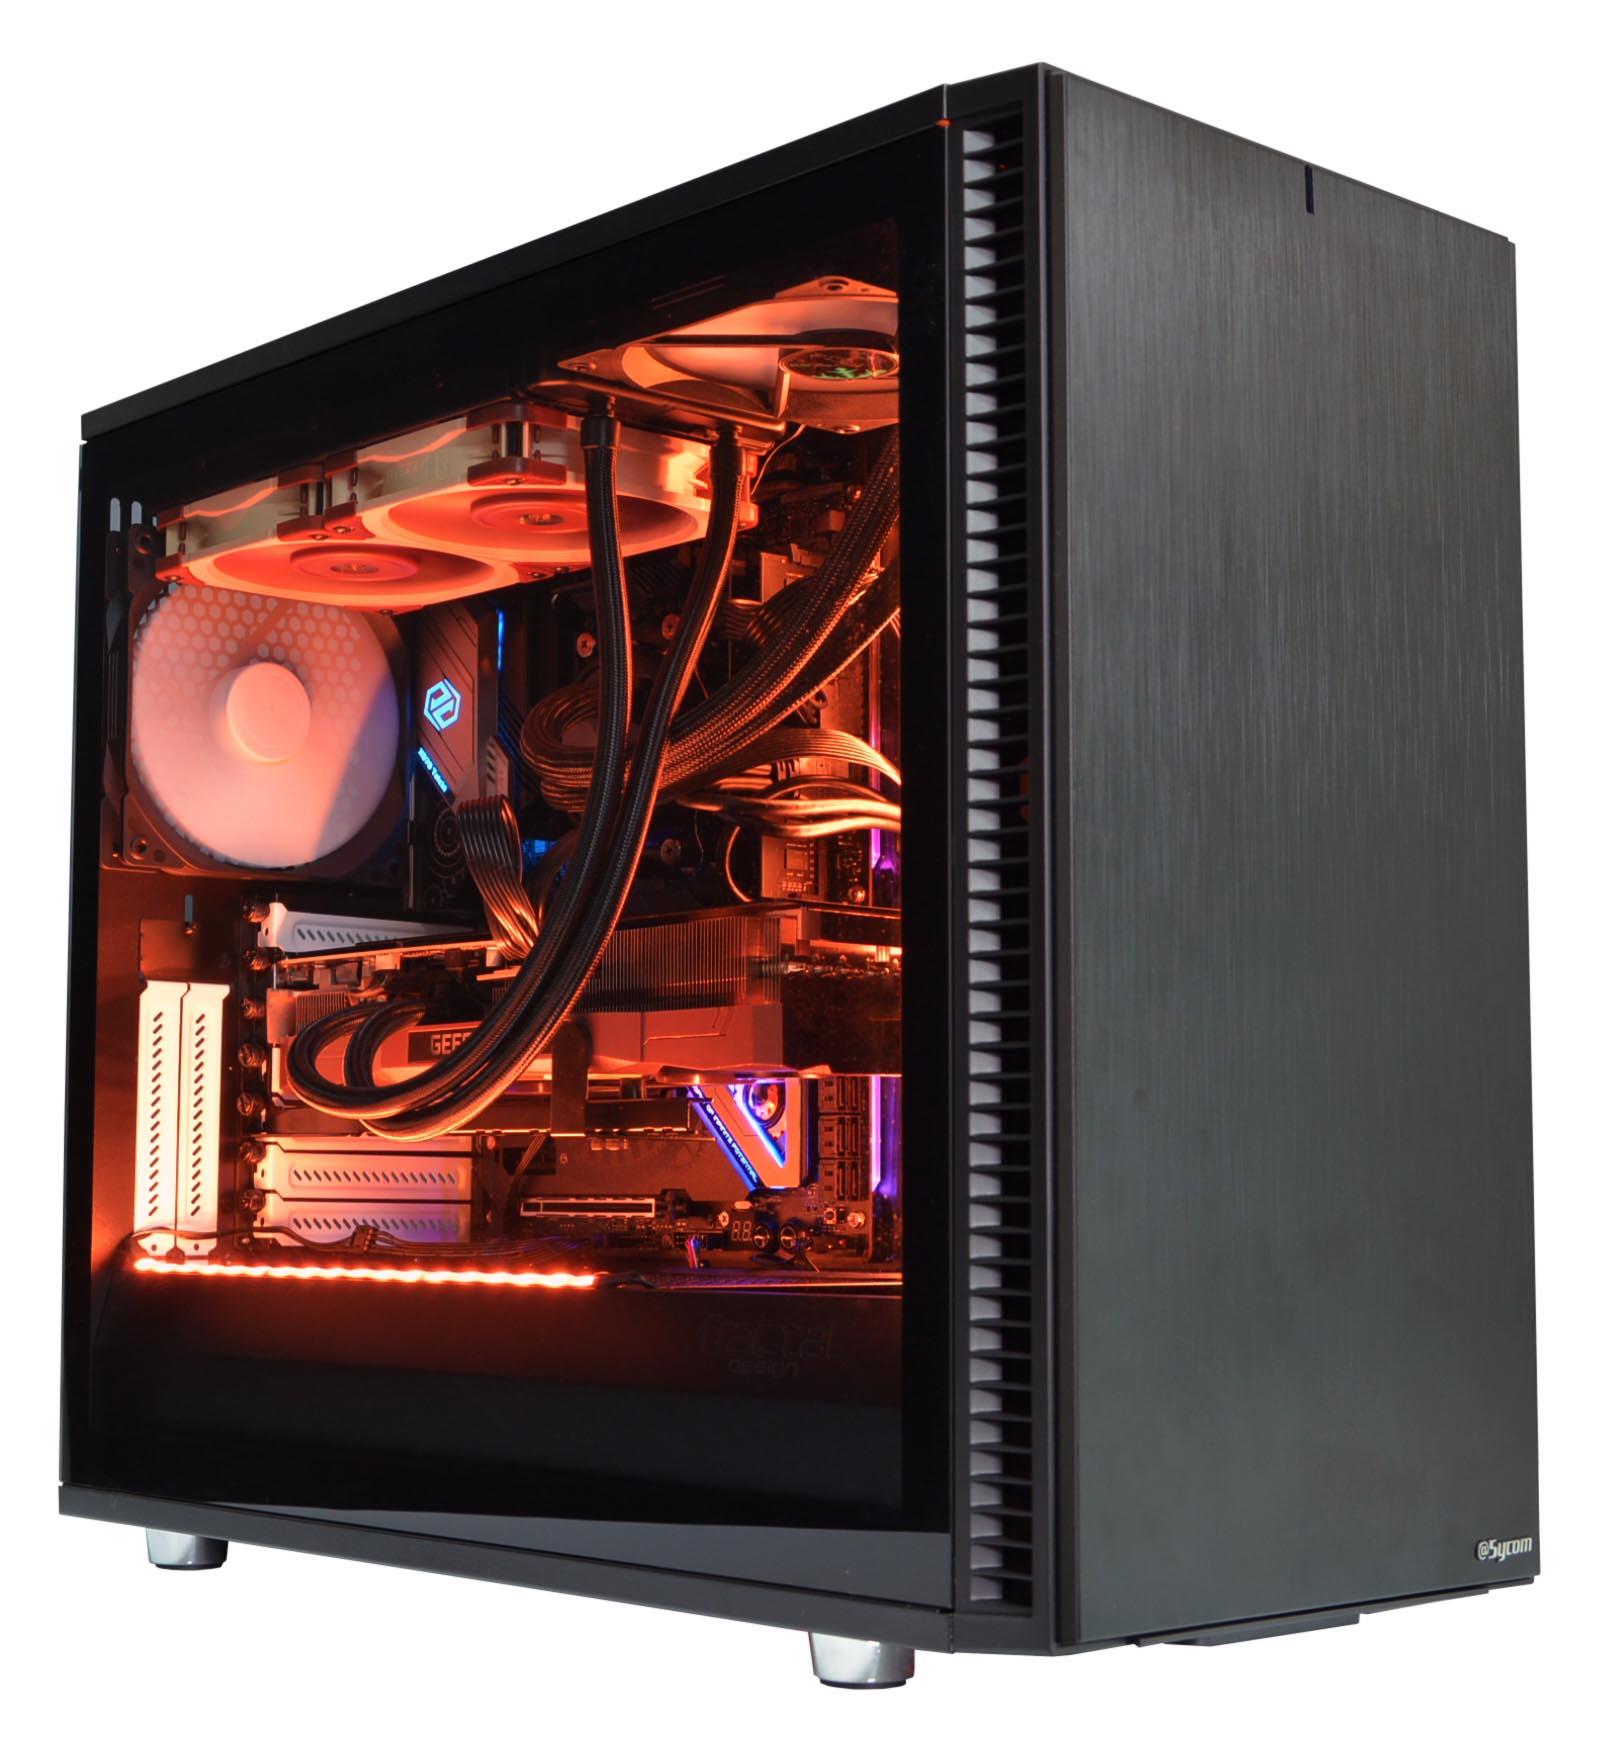 サイコム、Ryzen 5000シリーズの搭載に対応したデュアル水冷ゲーミングPC